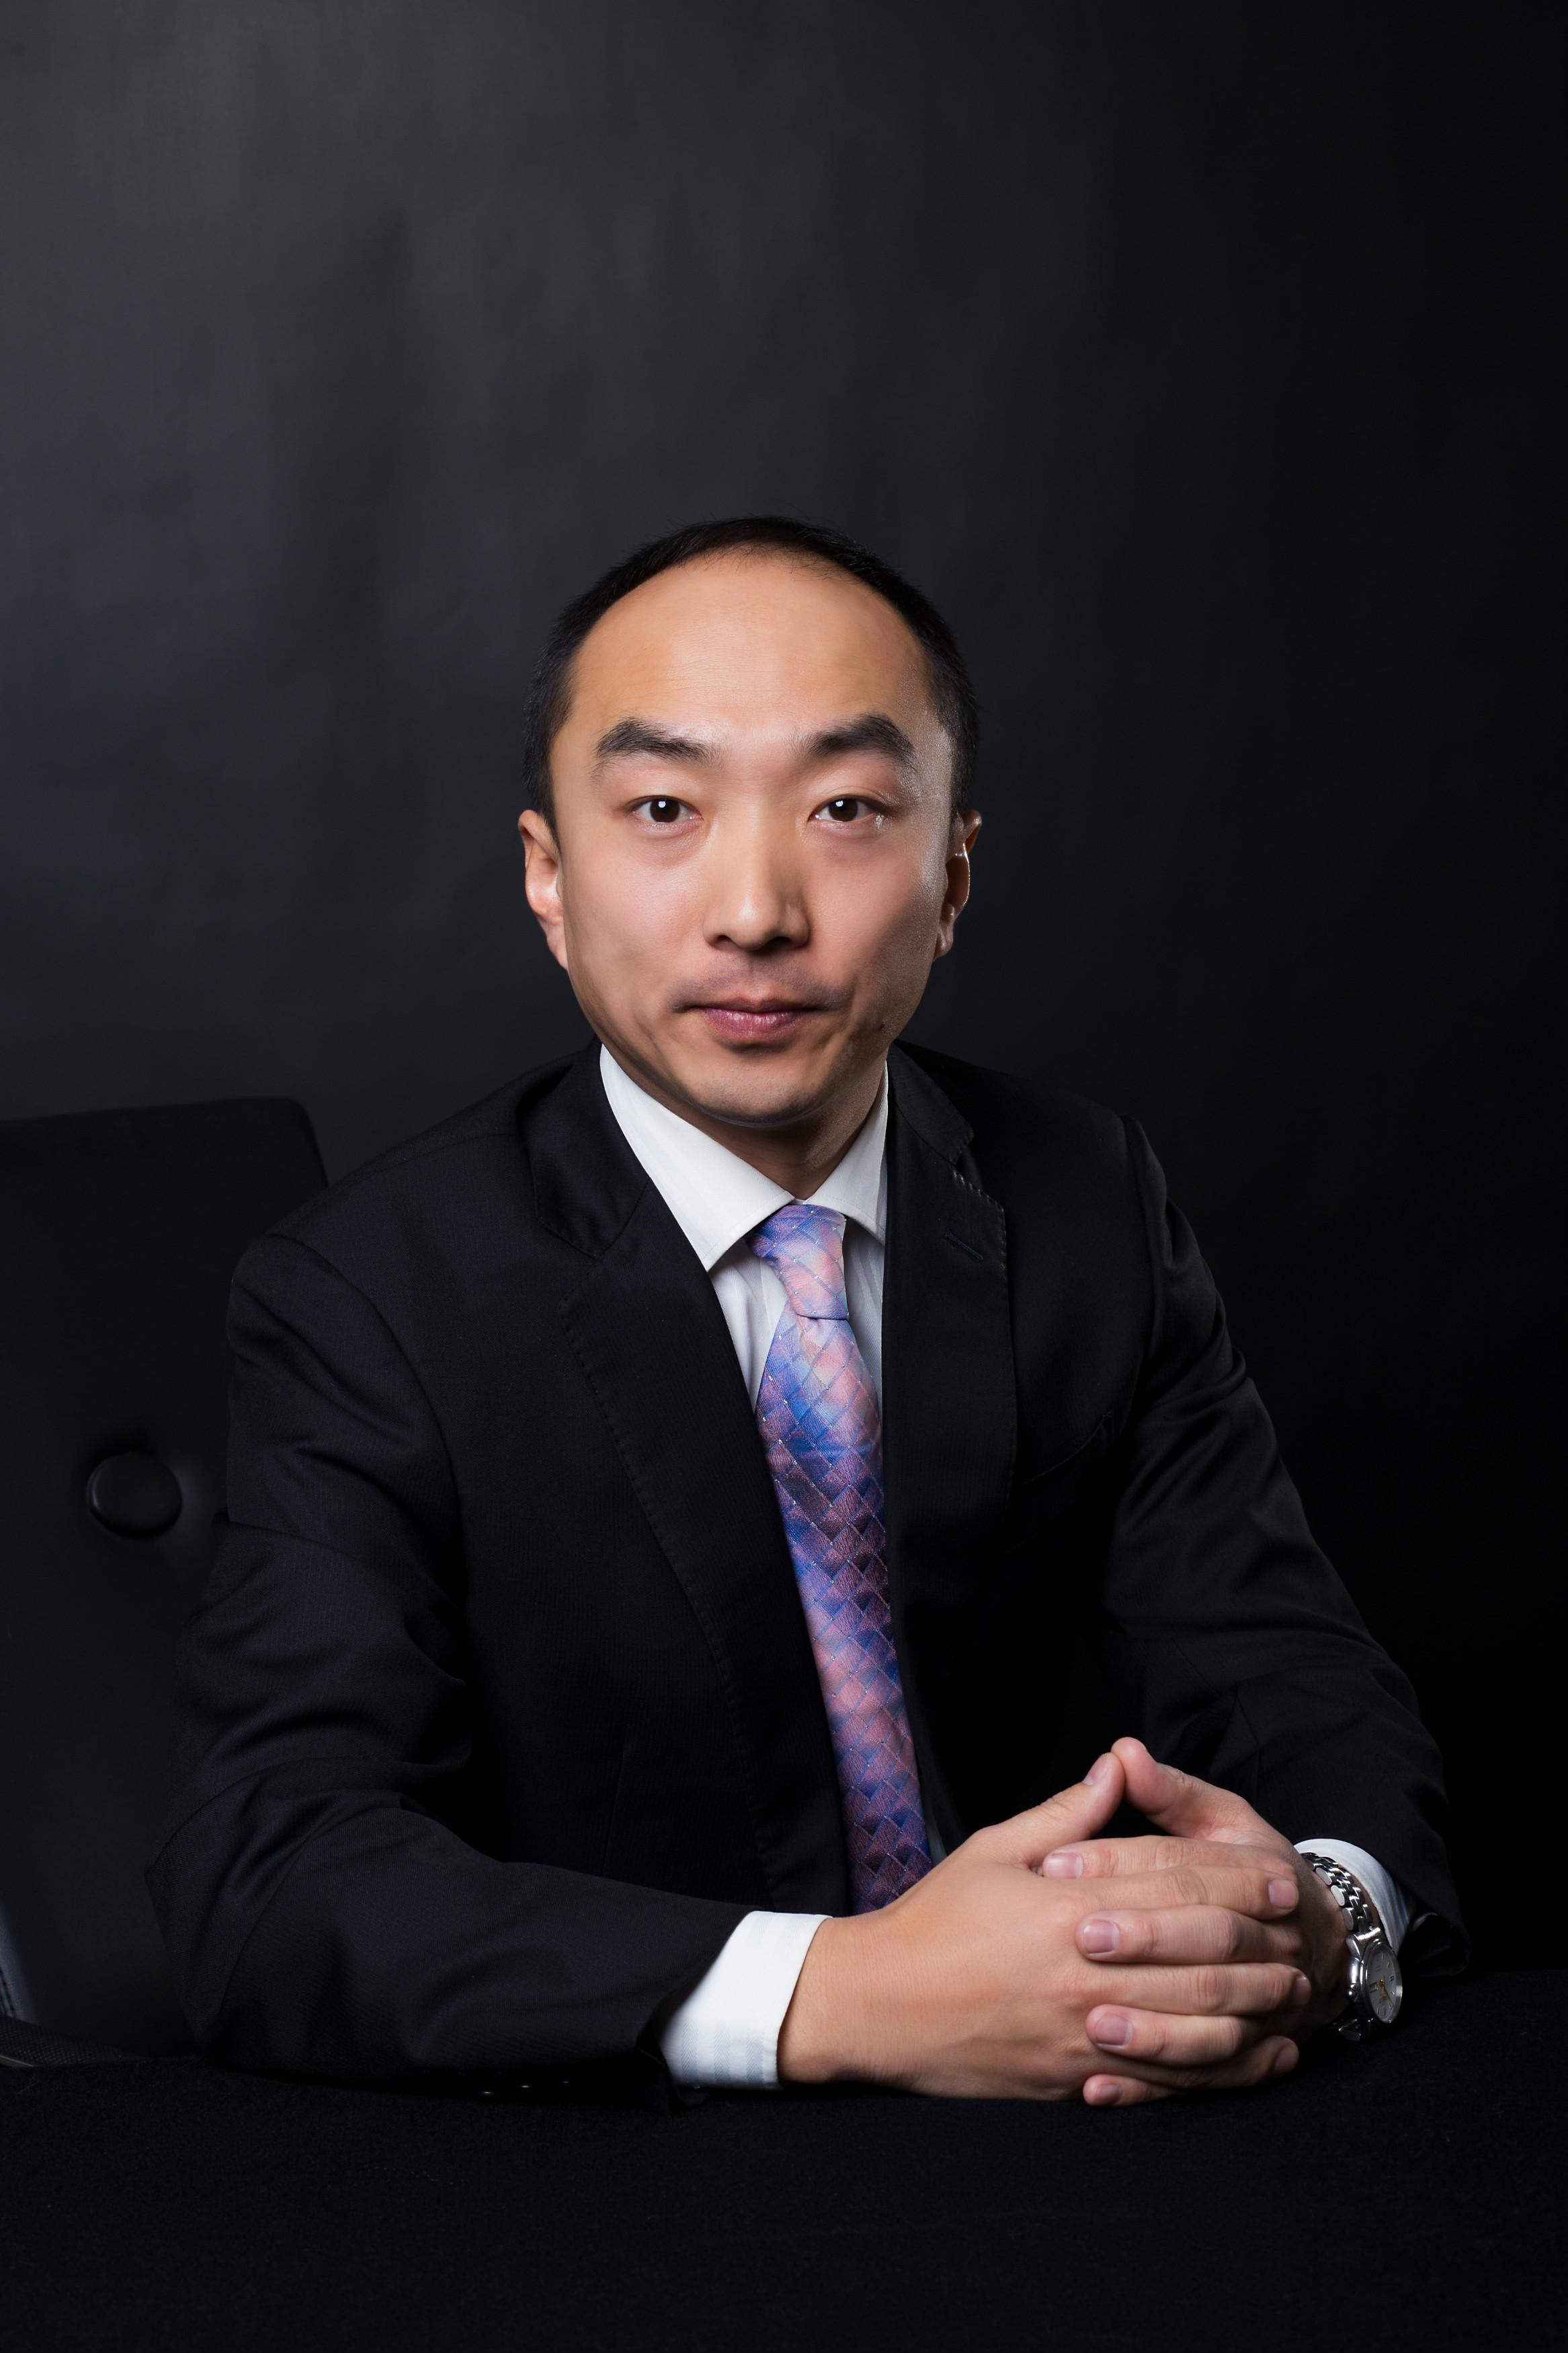 沈阳律师|沈阳法律咨询|沈阳优秀律师|沈阳律师在线 - 沈阳专业维权律师网